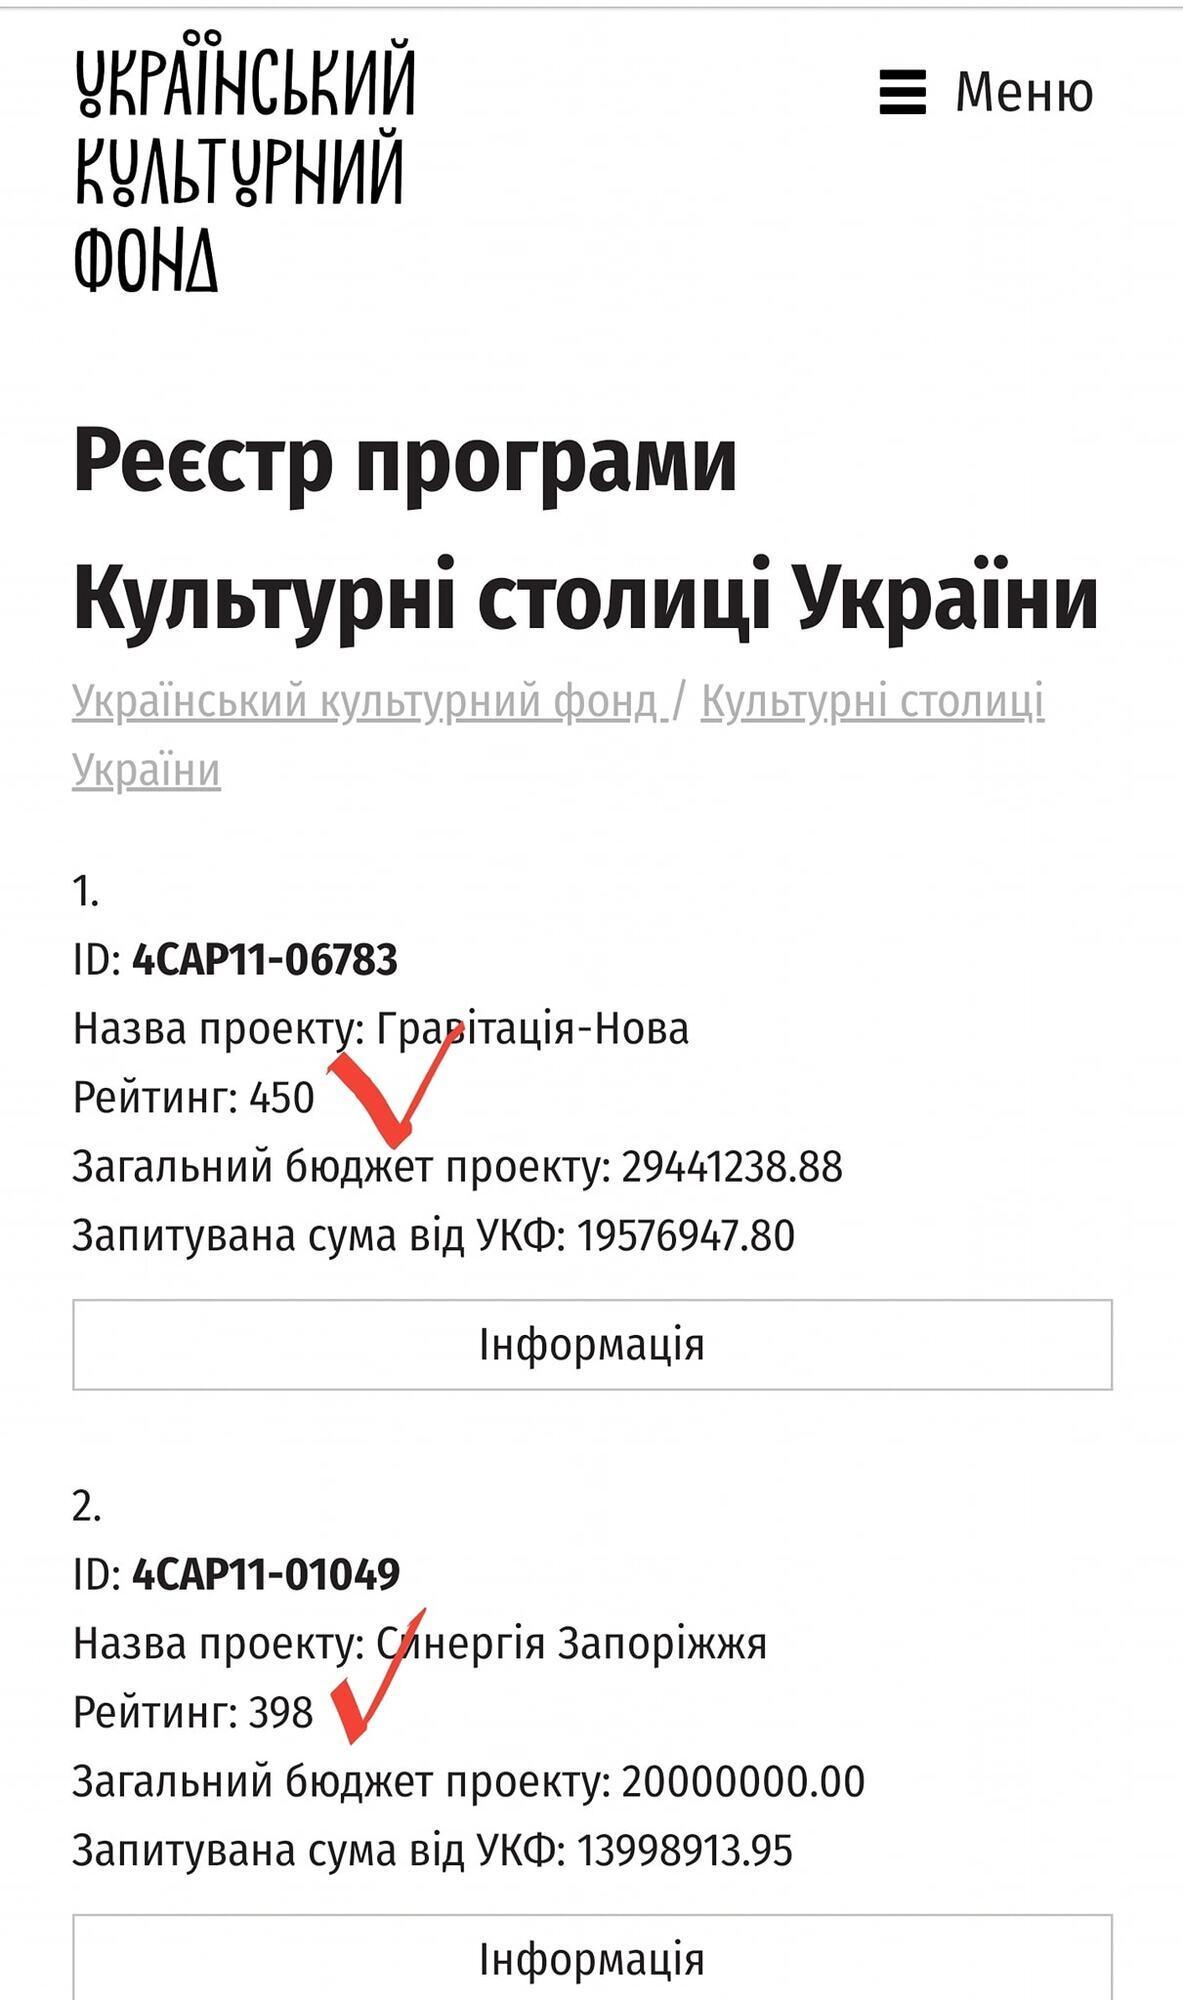 """У заявки Днепра """"Гравітація-Нова"""" – 450 баллов"""